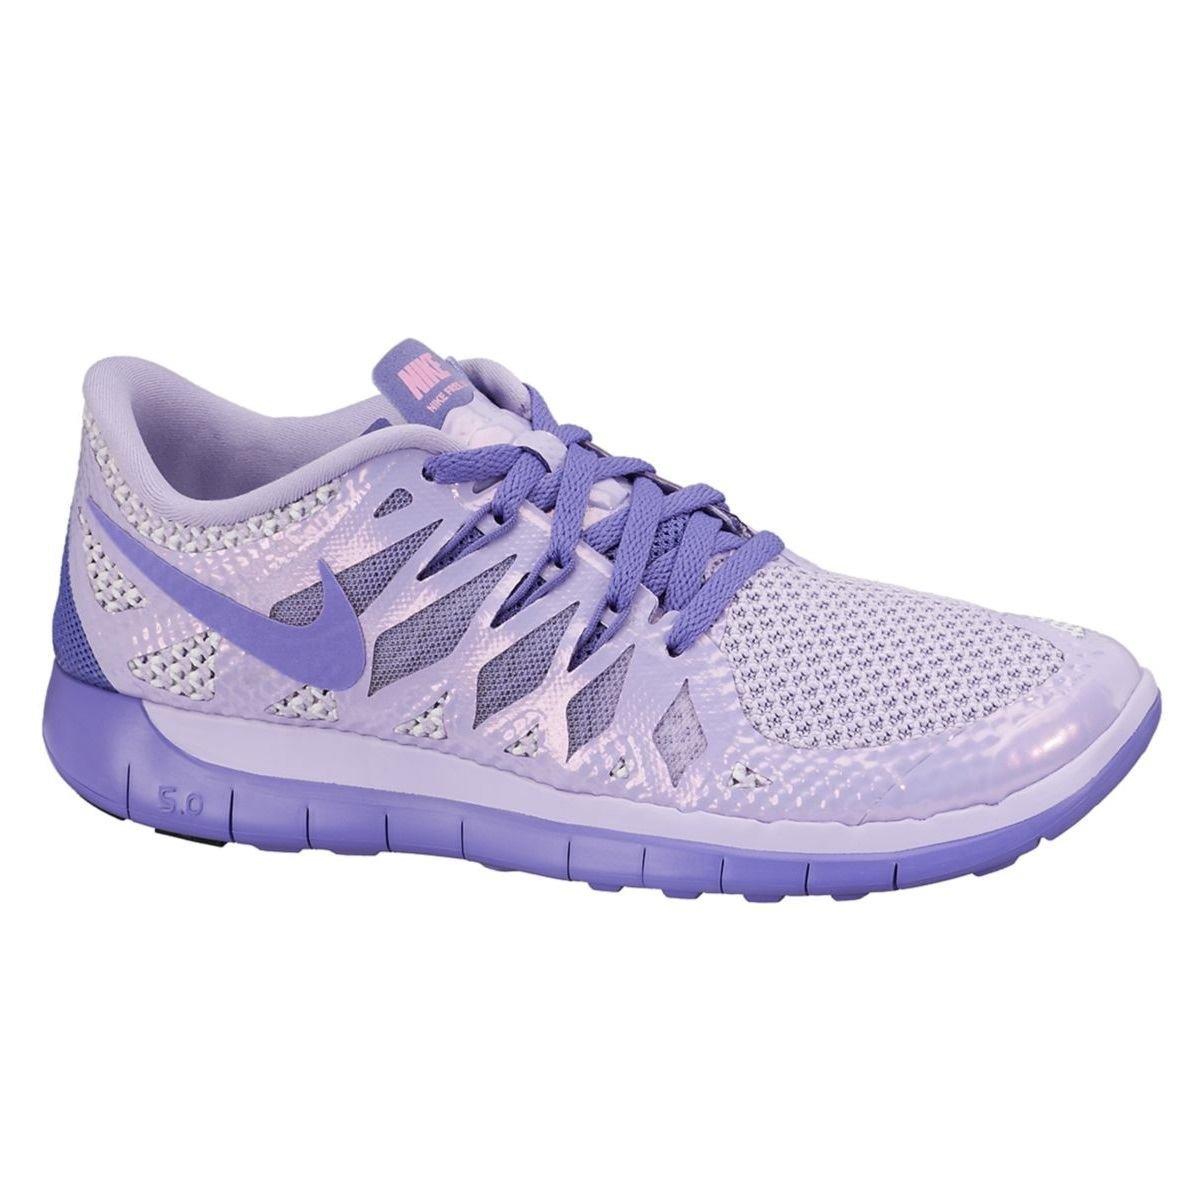 Nike Free 5.0 Paars 644446-501